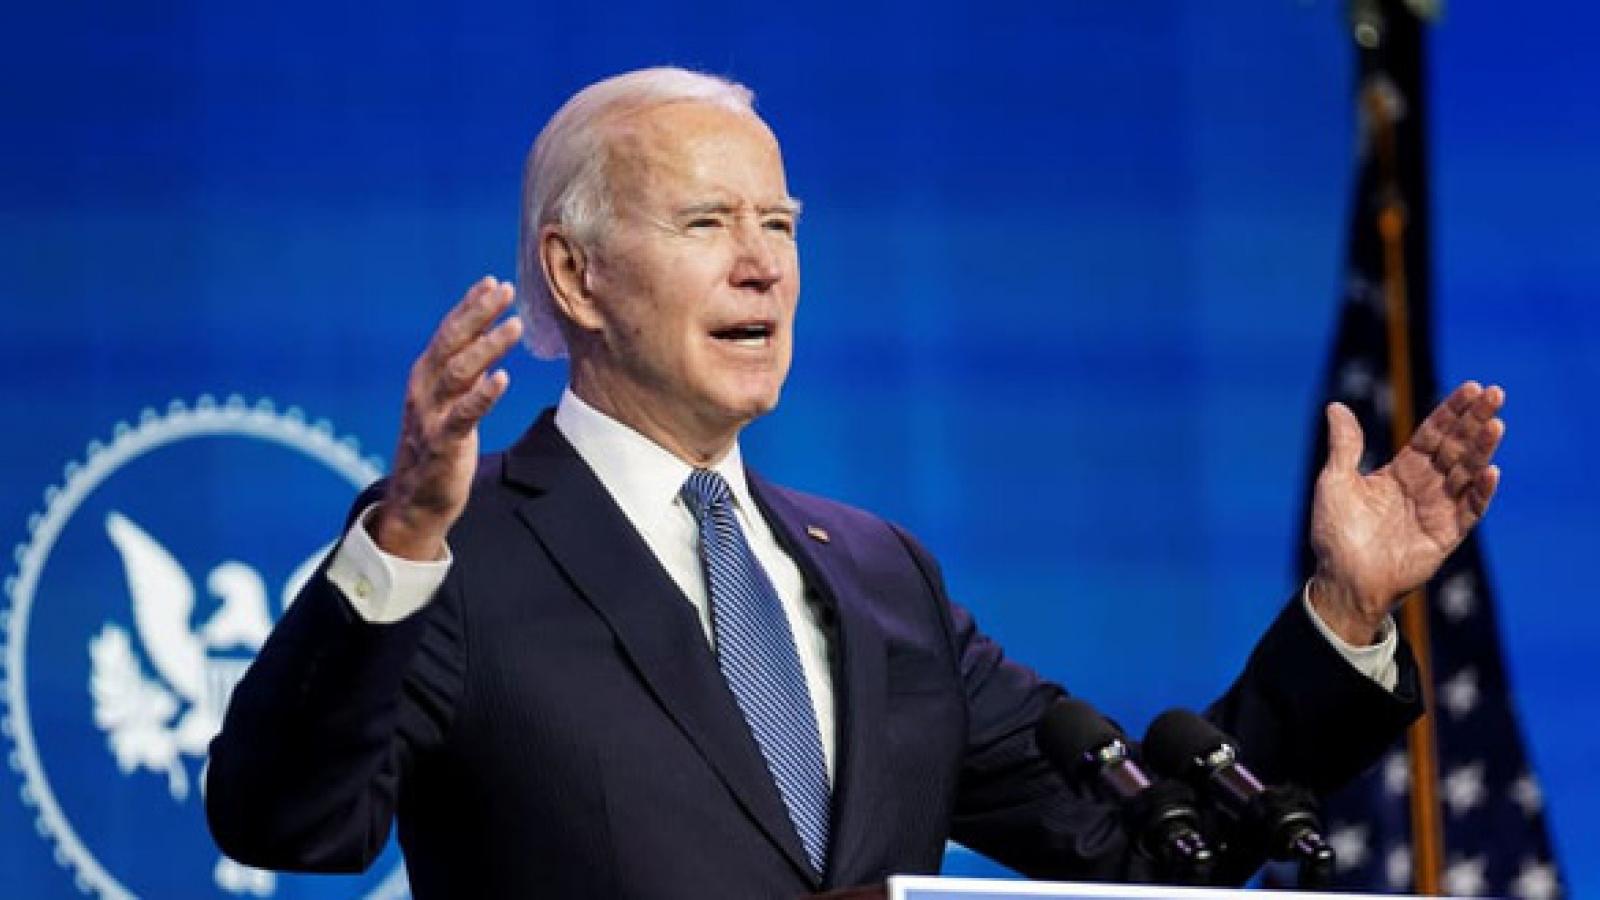 Tổng thống đắc cử Joe Biden kêu gọi thêm gói cứu trợ kinh tế trị giá hàng nghìn tỷ USD